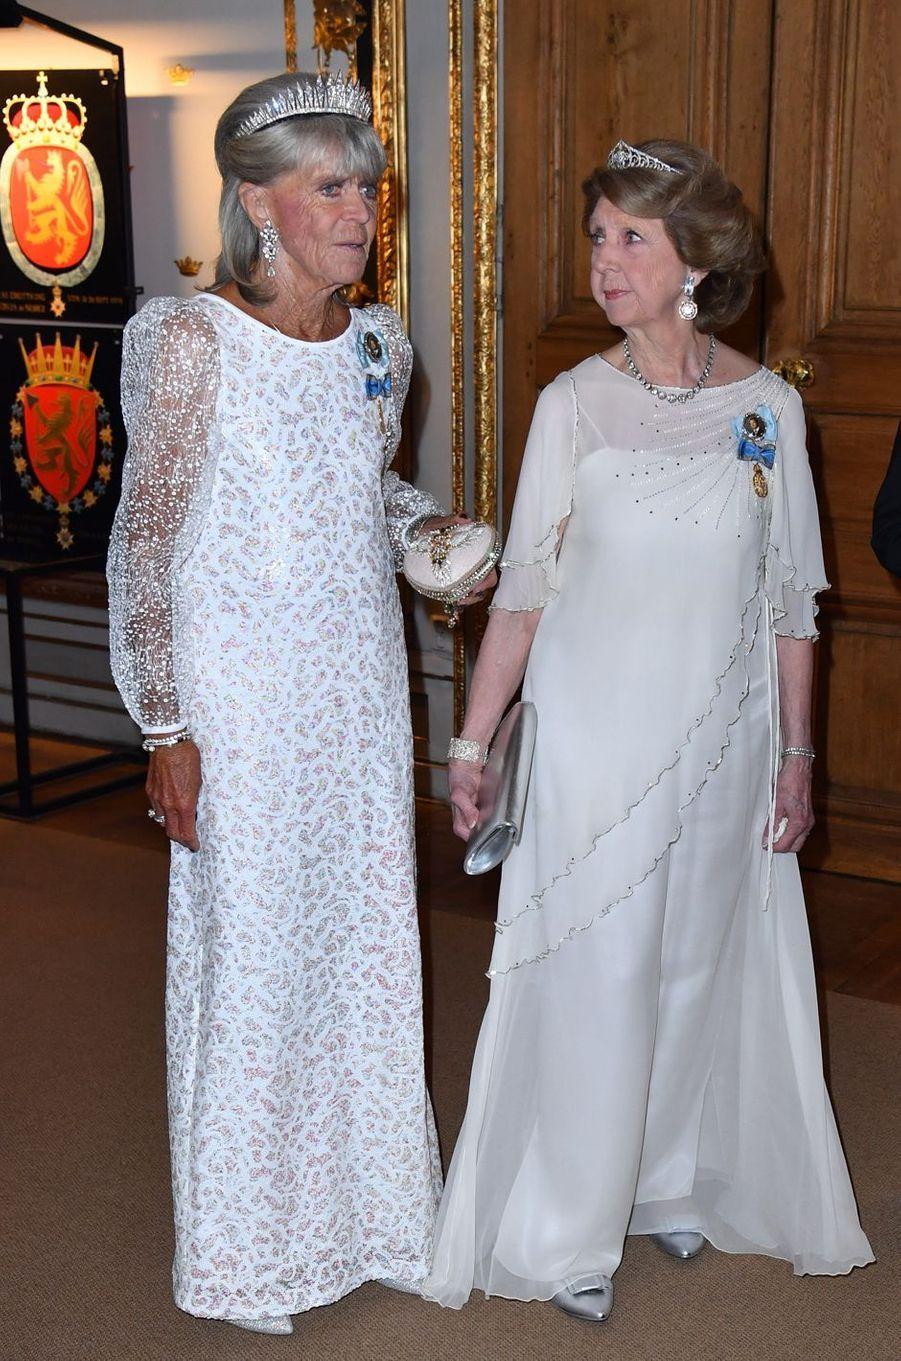 La princesse Birgitta de Suède avec sa soeur la princesse Désirée, le 30 avril 2016